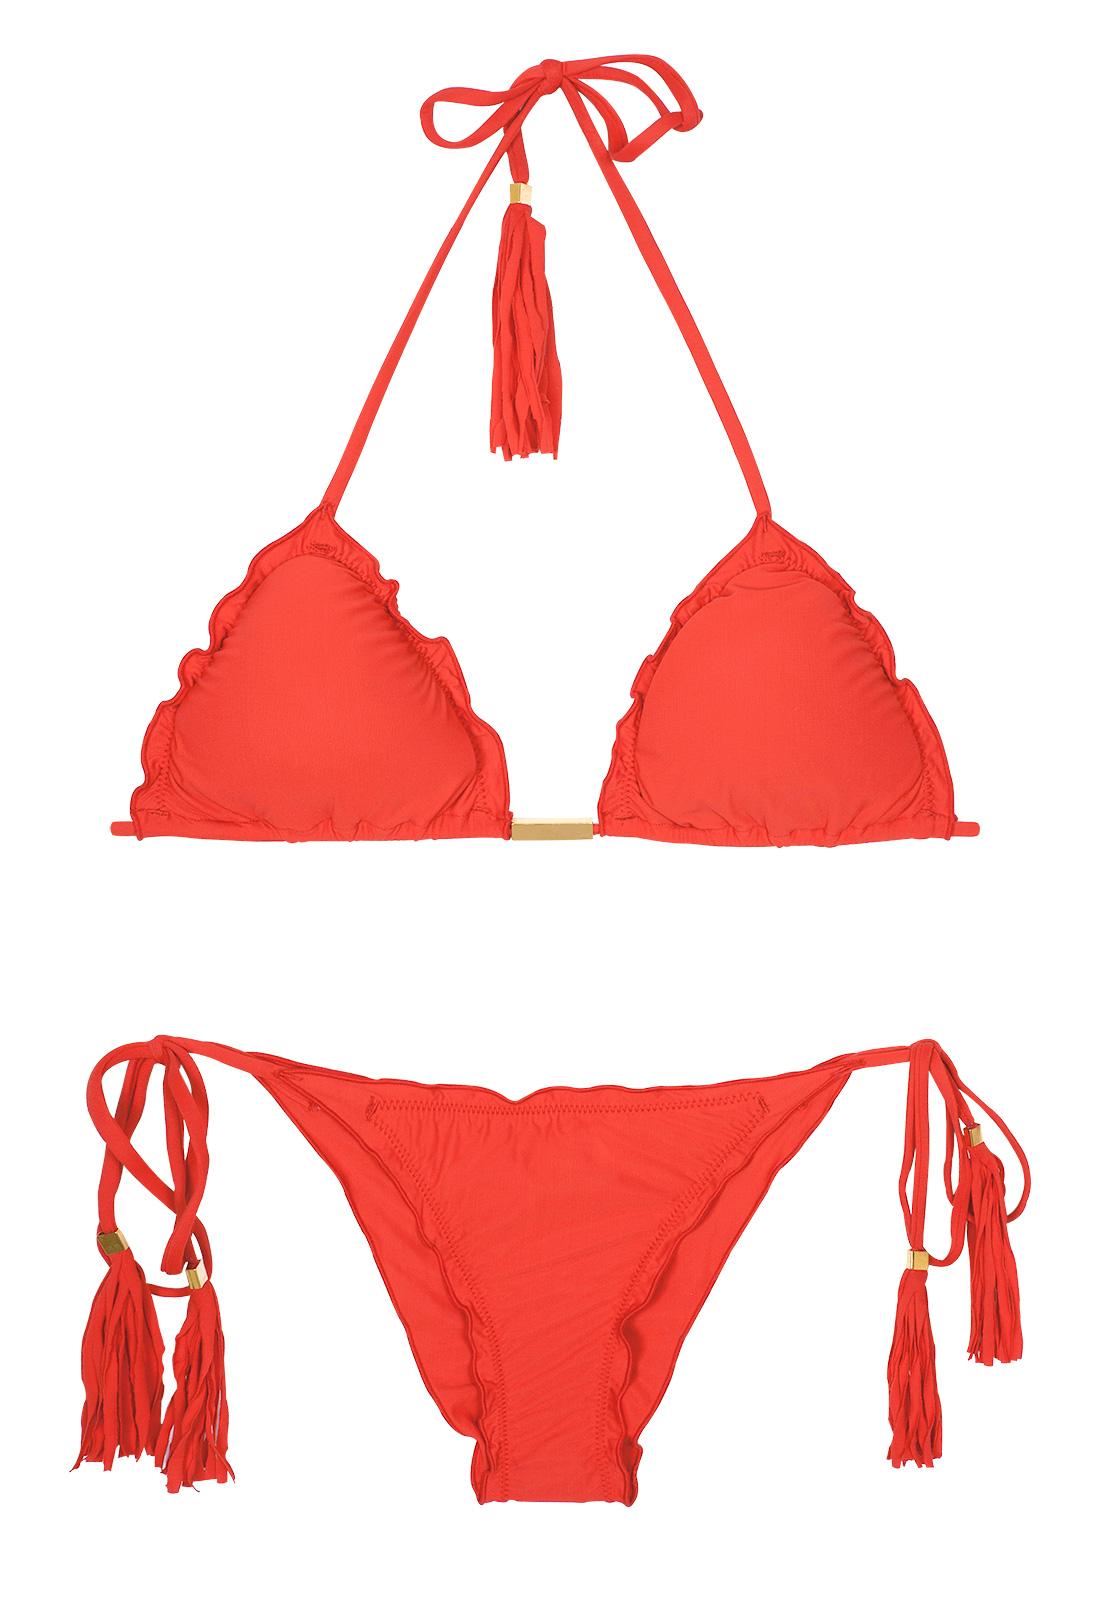 4d7d8a2ad2 Red Scrunch Bubble Bikini With Undulated Edges - Ambra Frufru Urucum - Rio  de Sol